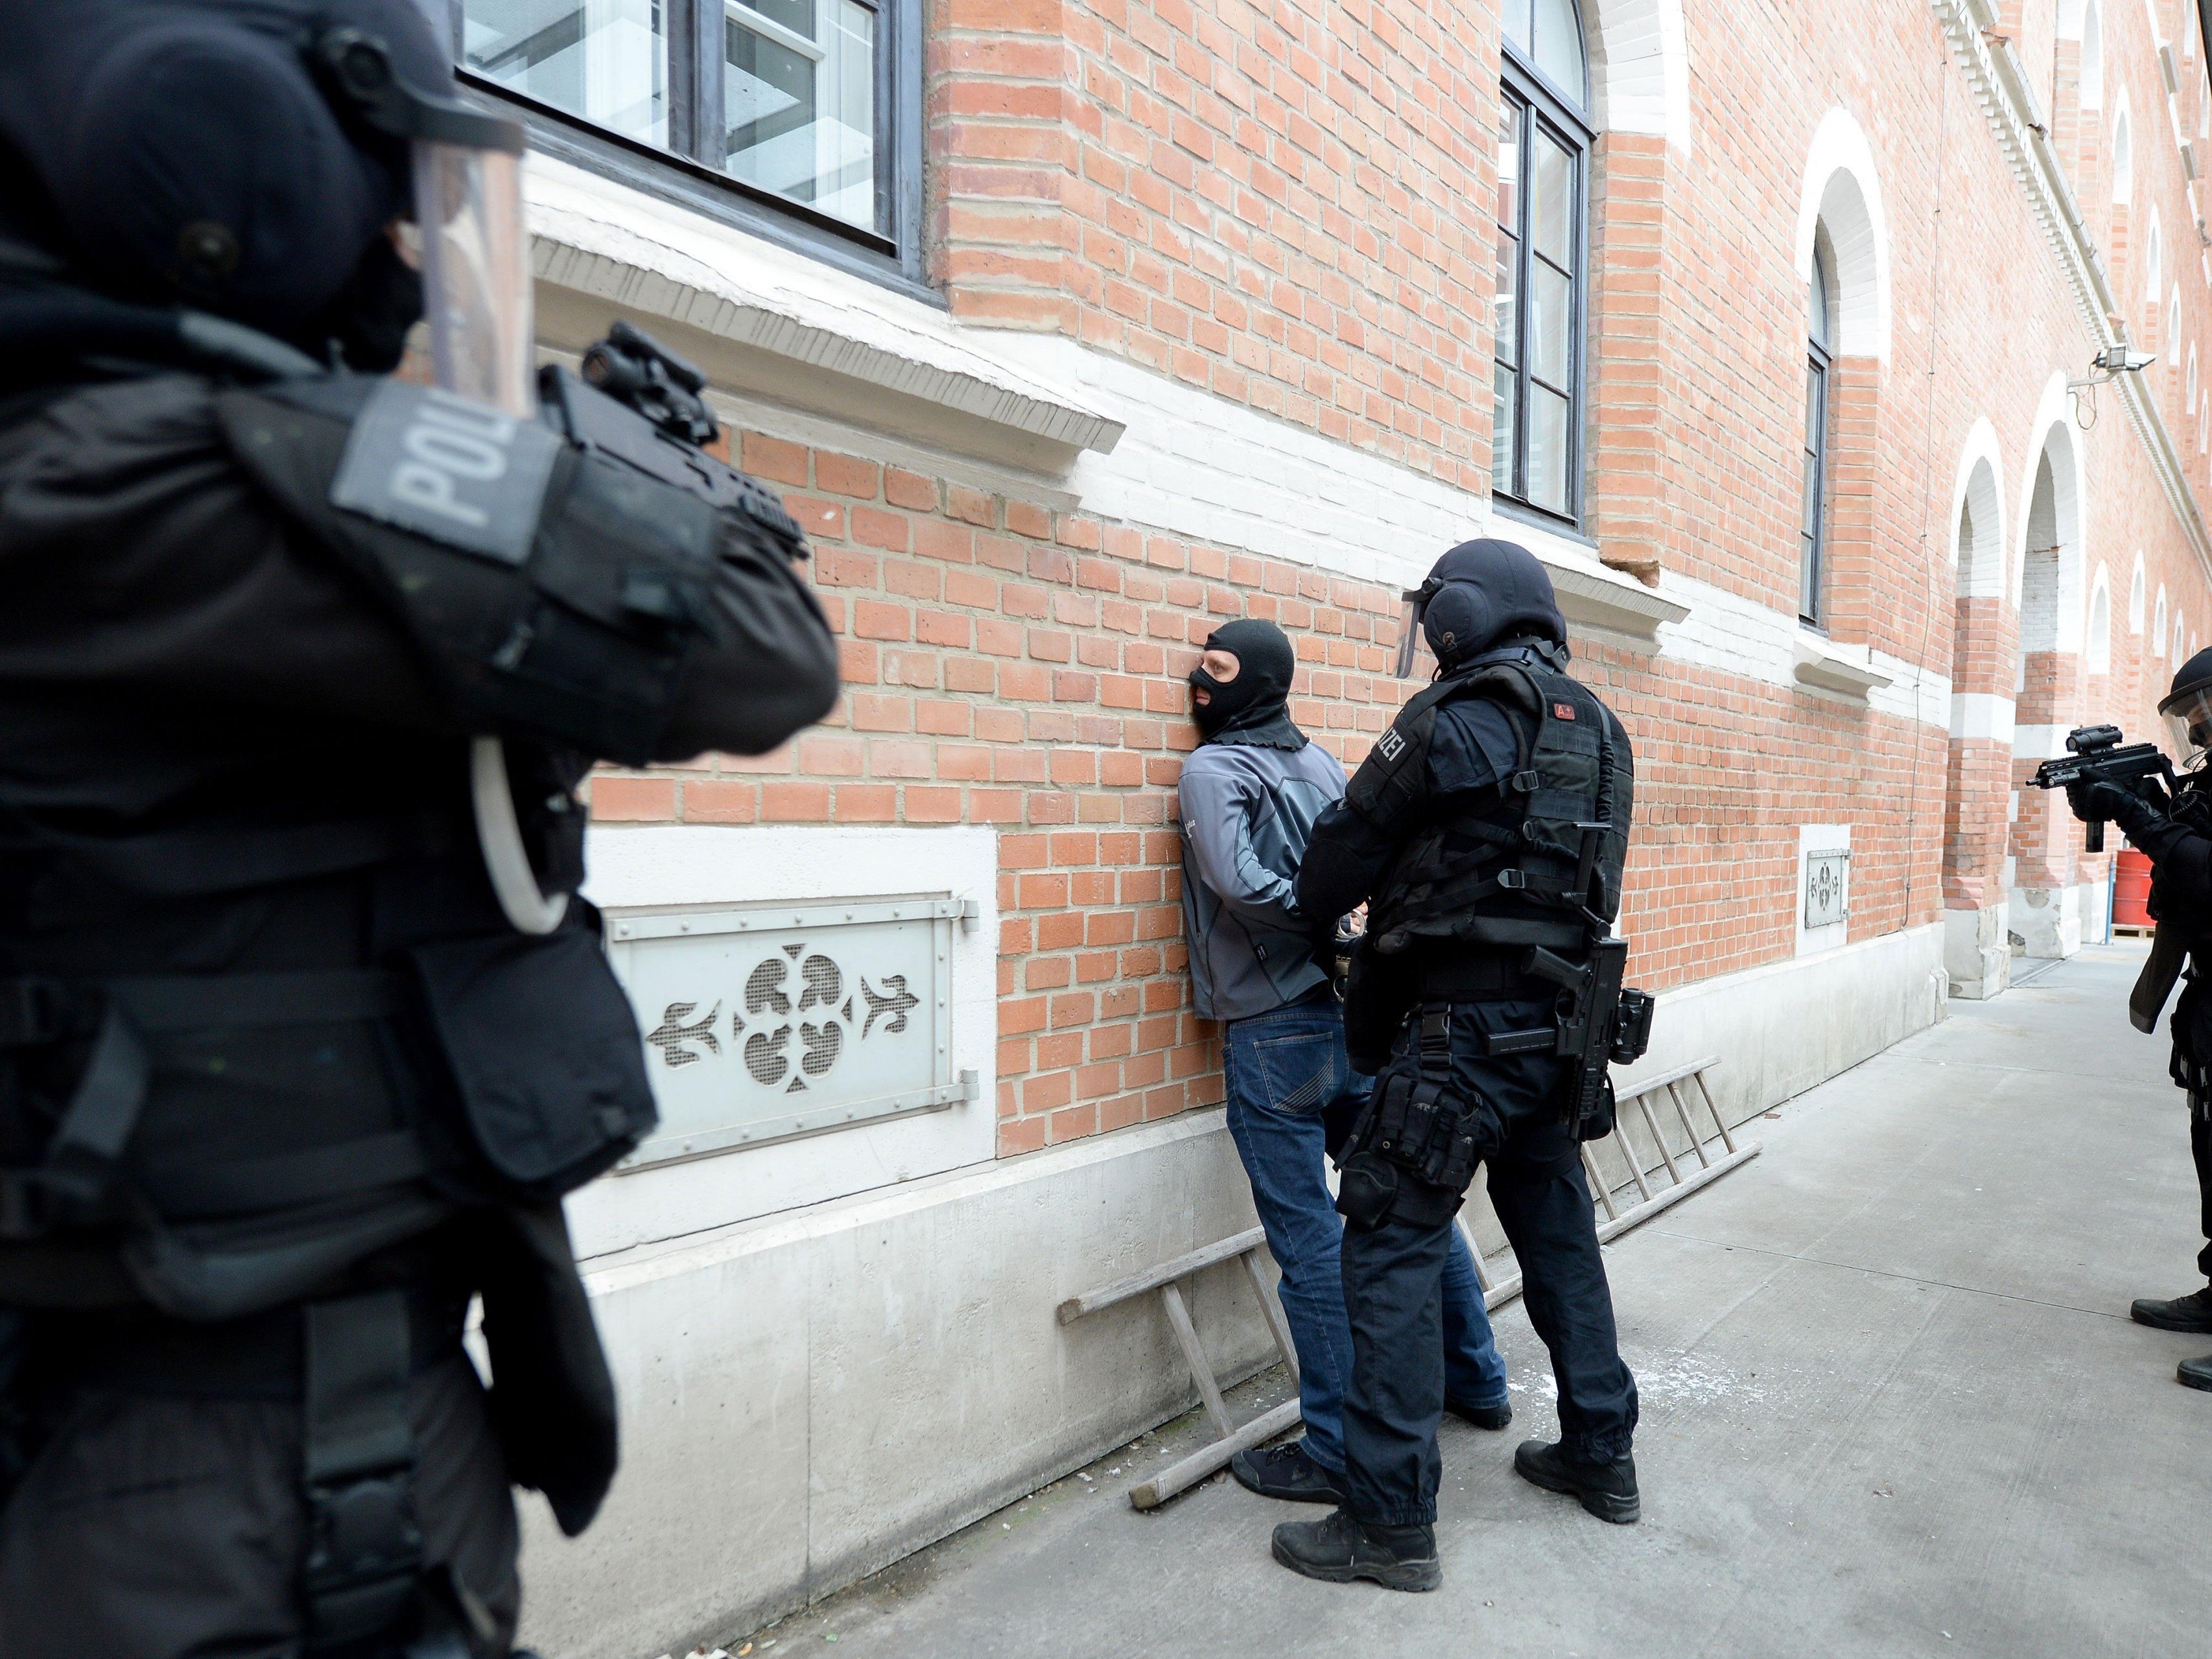 """Polizisten der Sondereinheit """"Einsatzkommando Cobra"""" werden bei der Groß-Einsatzübung dabei sein"""